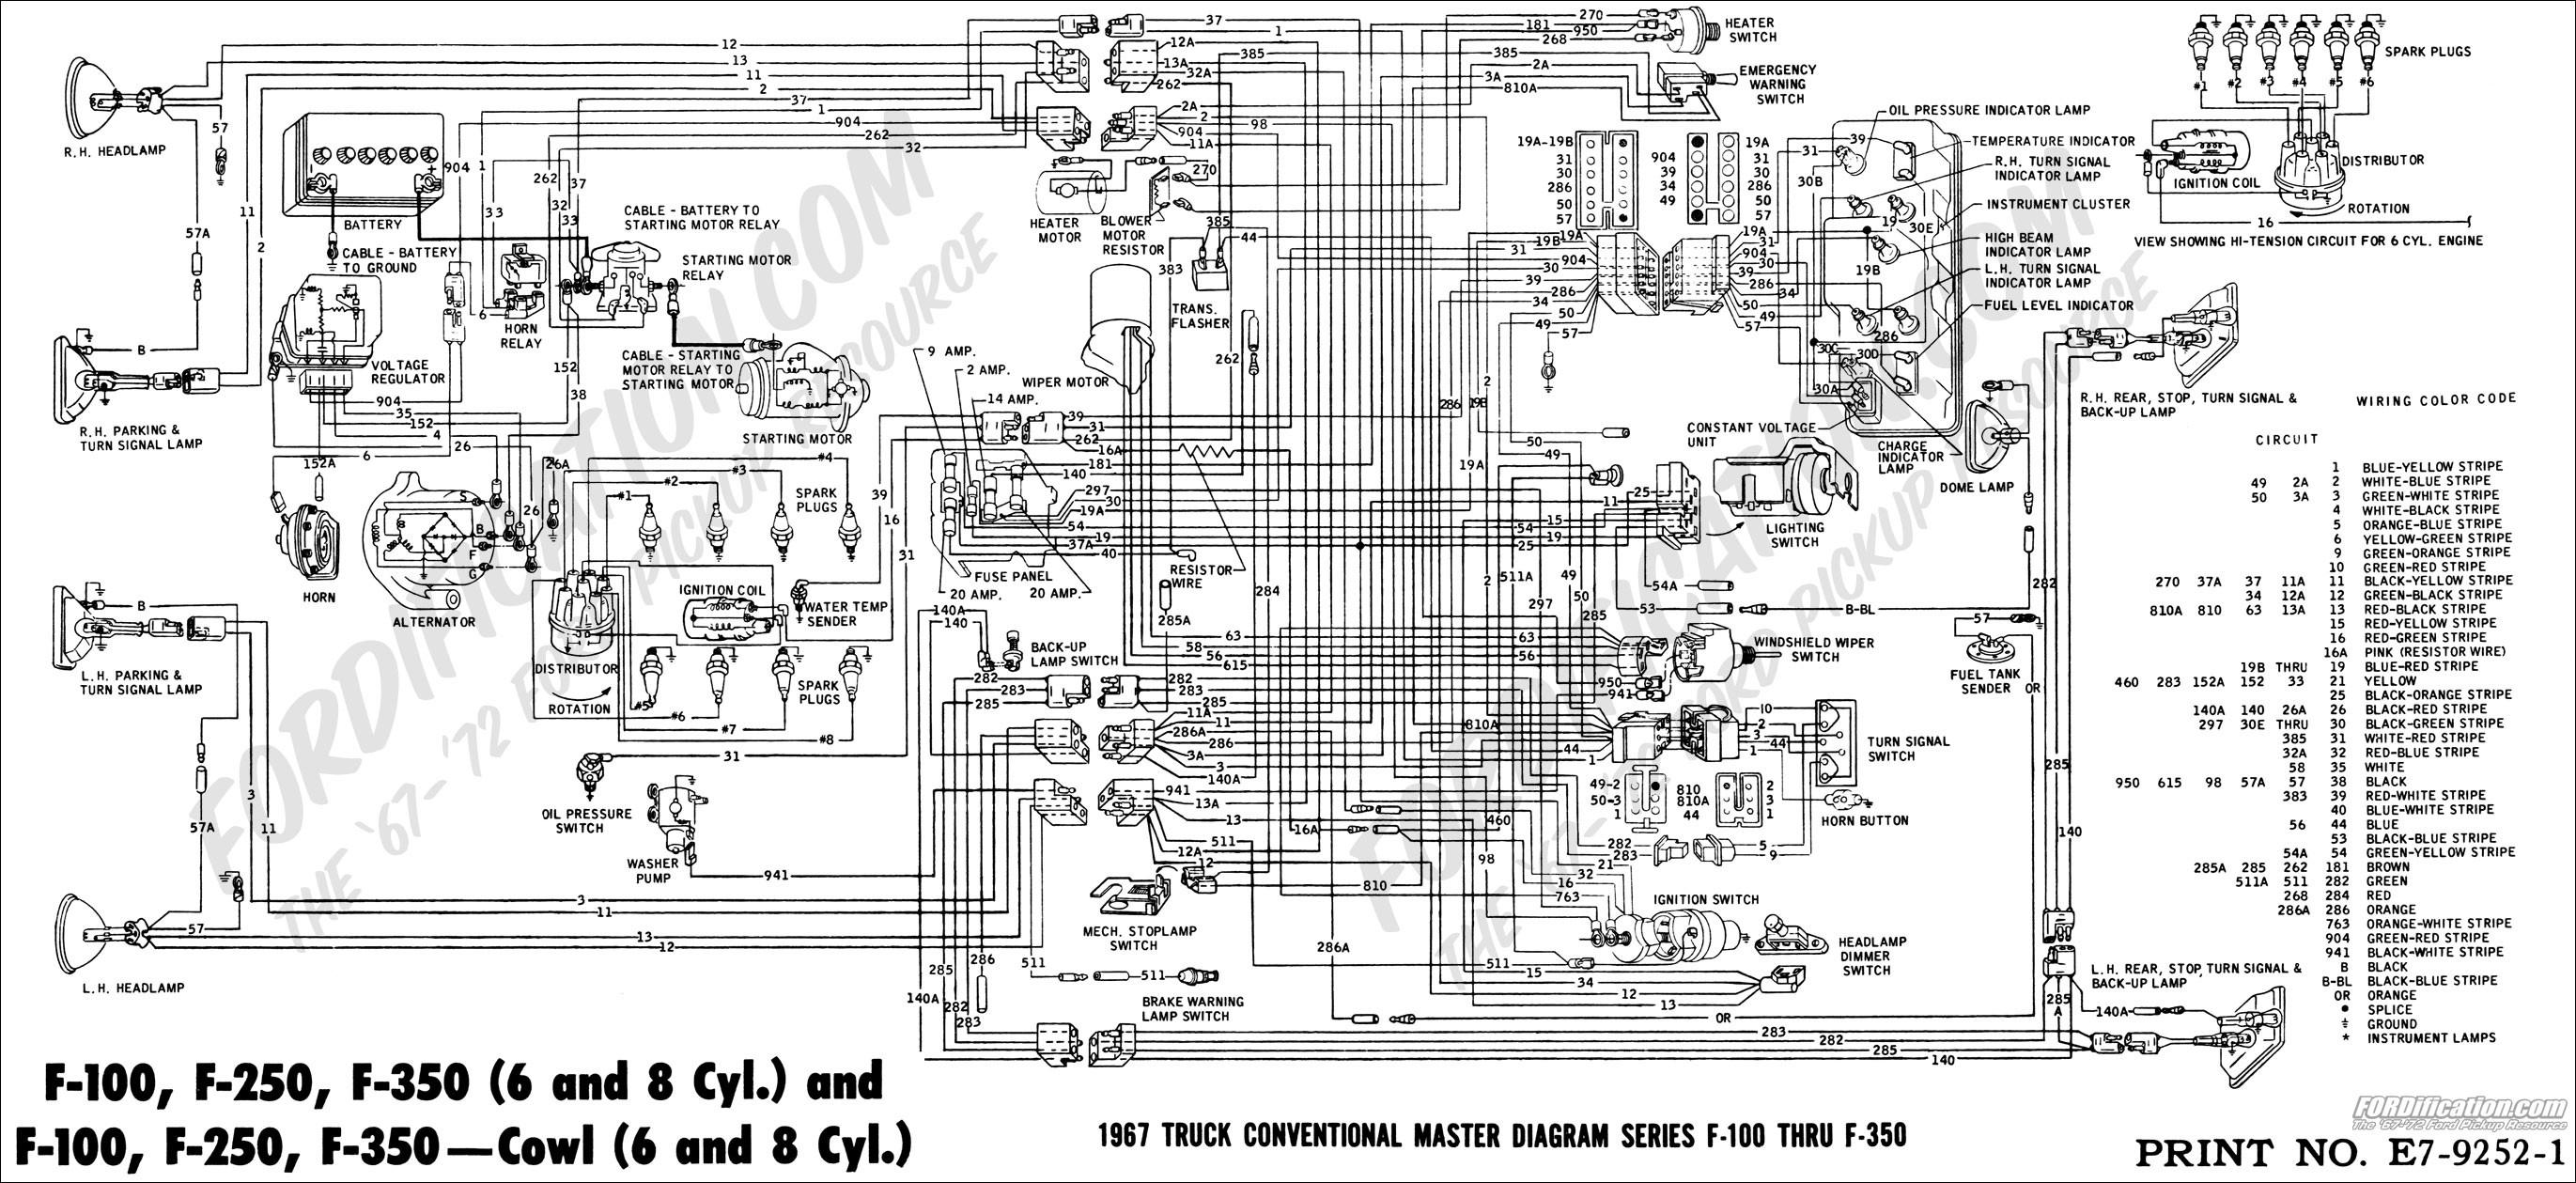 Ford Ranger 4 0 Engine Diagram 2007 ford Ranger Wiring Diagram Canopi Of Ford Ranger 4 0 Engine Diagram